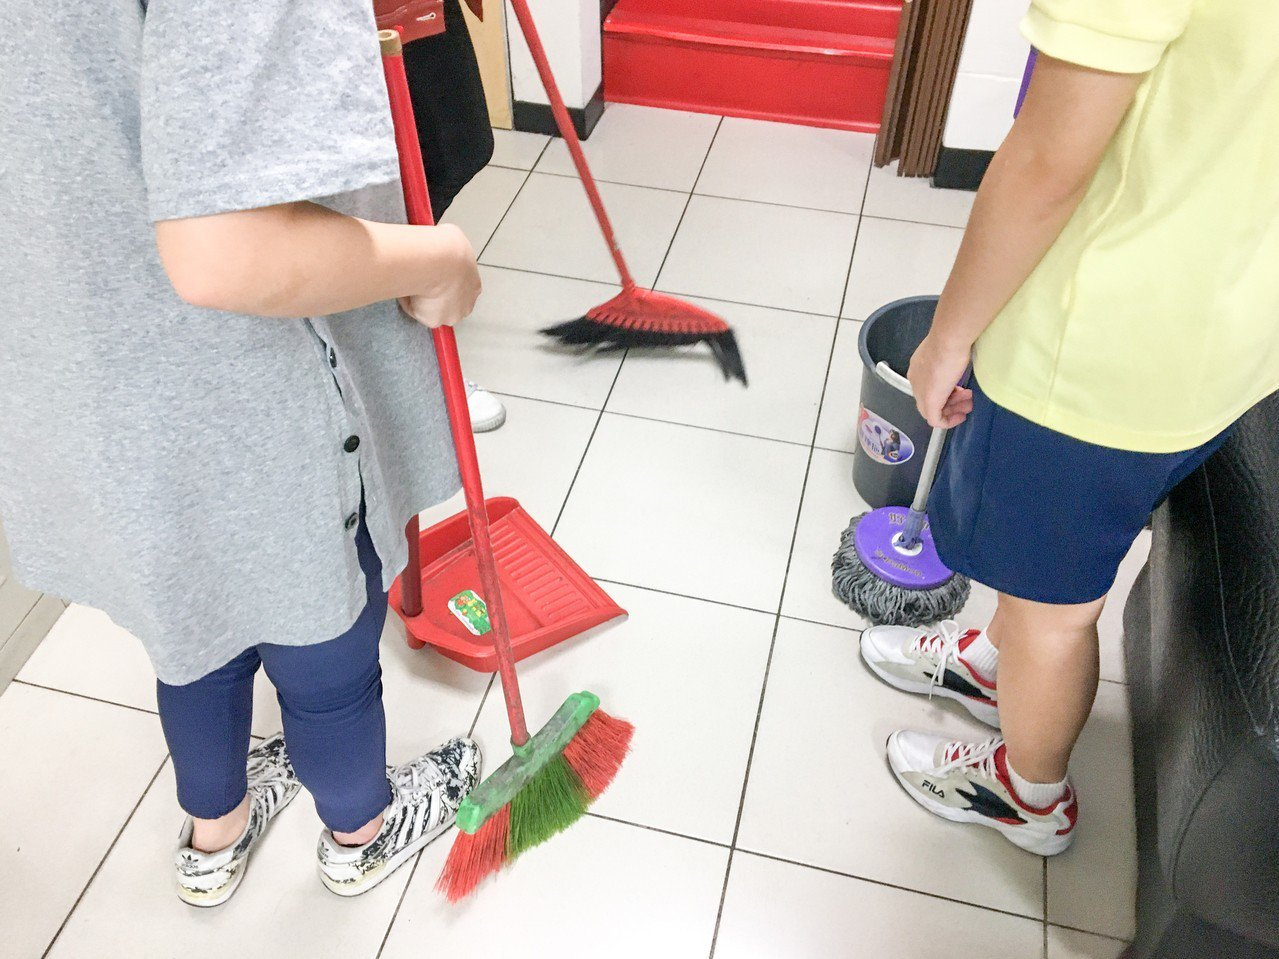 金甌女中5名小志工今天下午到台北市大同分局民族路派出所,幫忙掃地、拖地、擦玻璃及...